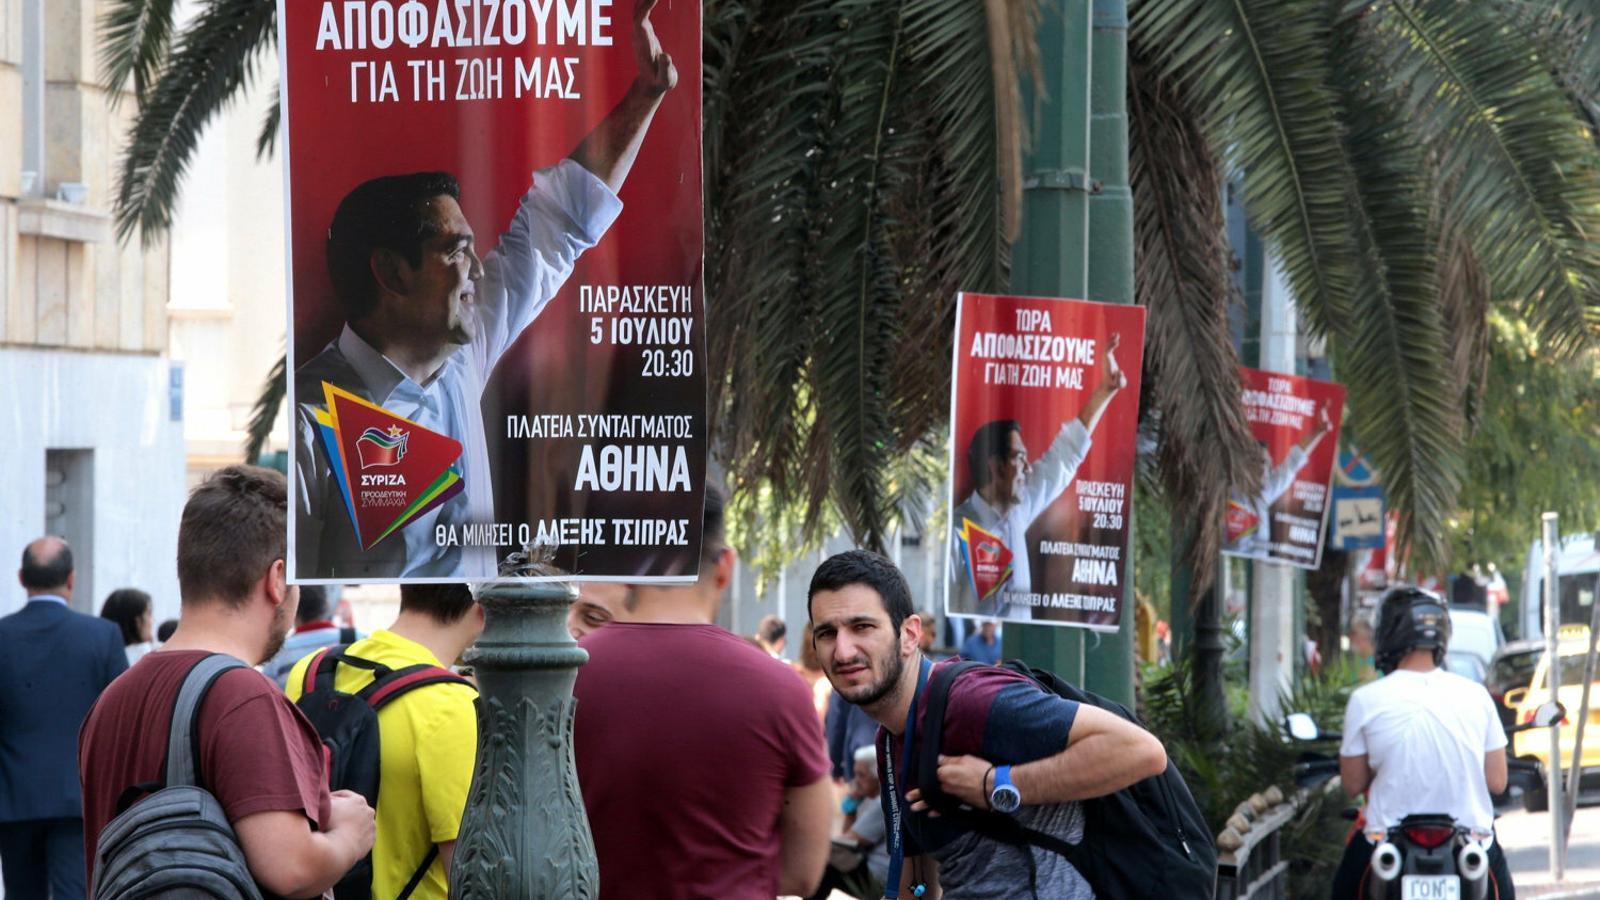 Diversos cartells electorals del partit d'Alexis Tsipras en un carrer del centre d'Atenes.